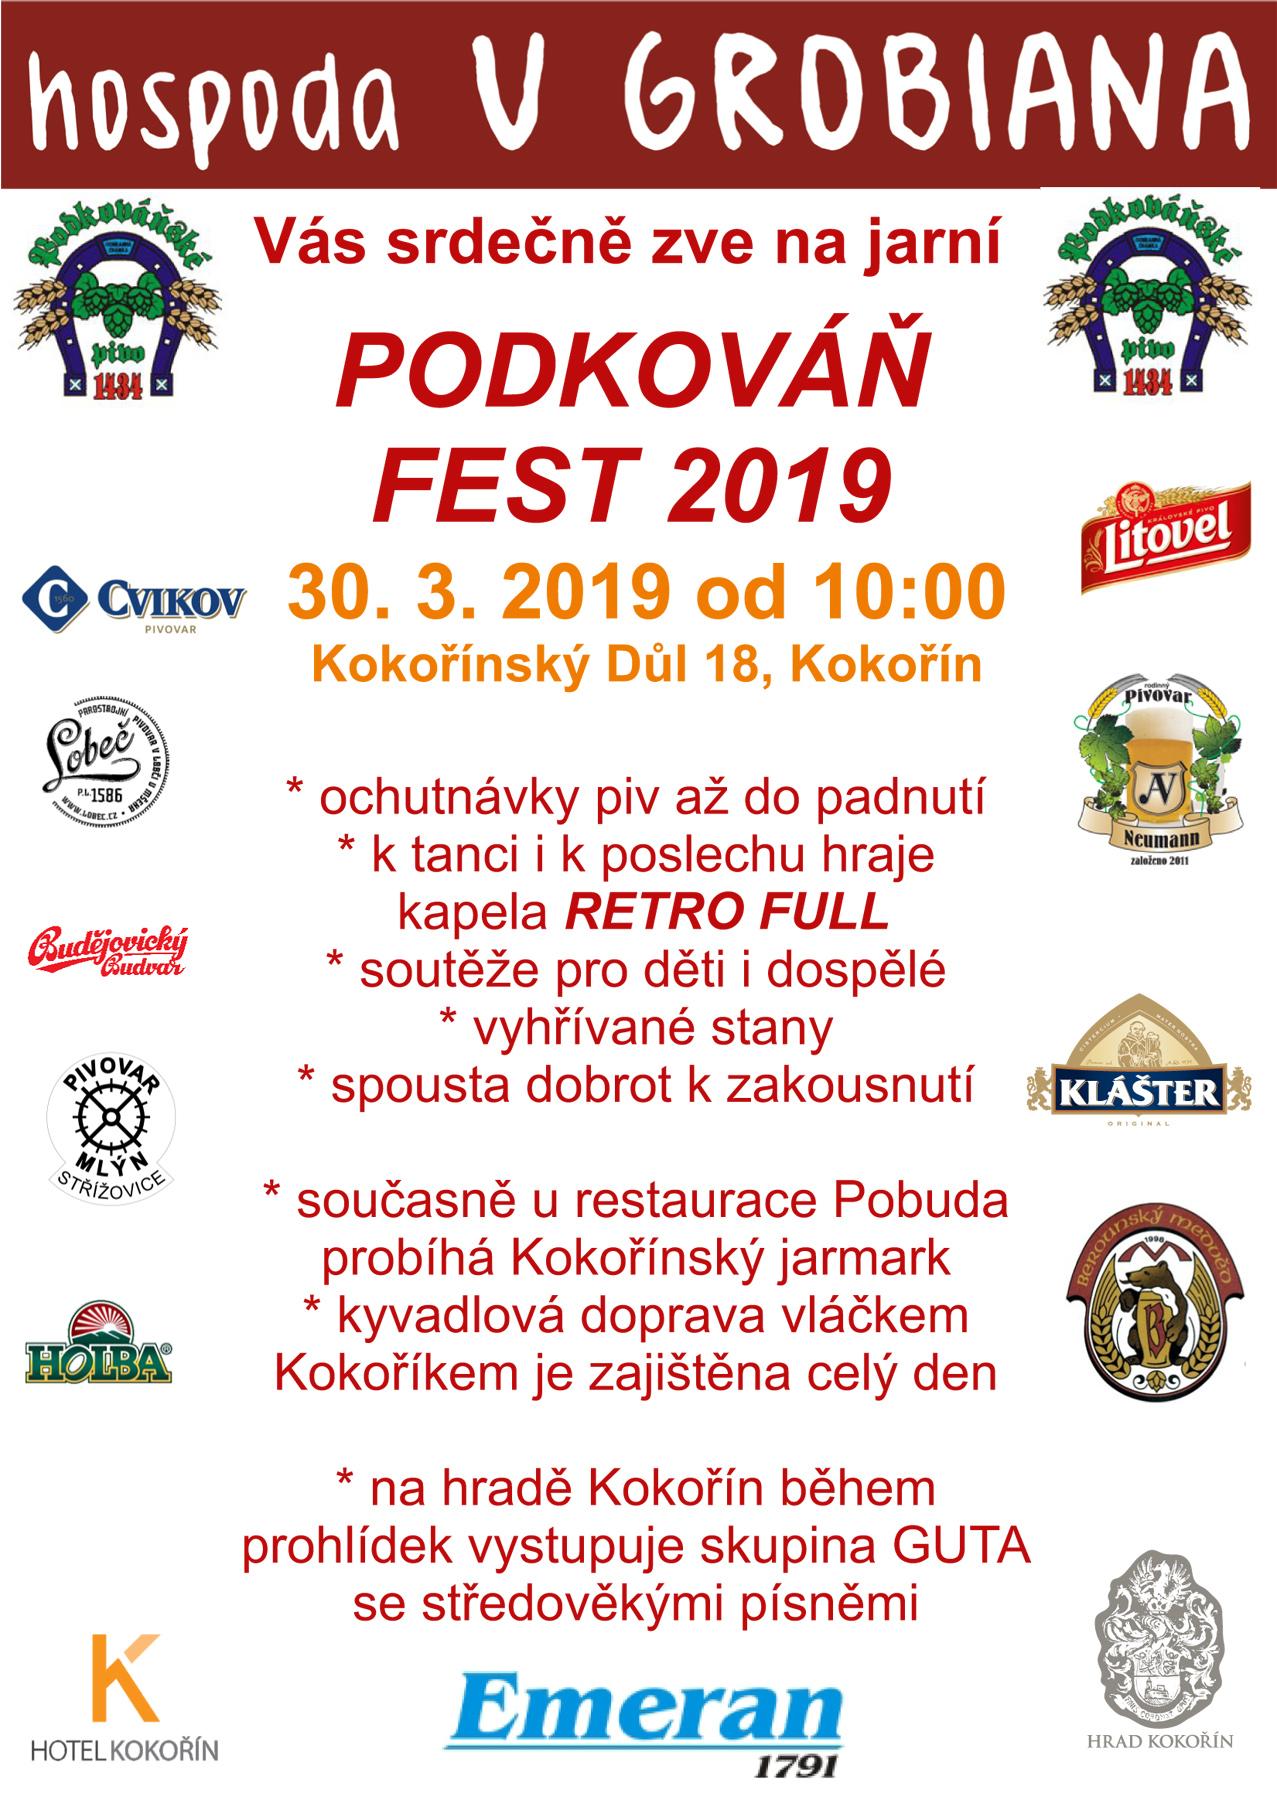 pivovari-pivovary-novinky-podkovan-fest-2019